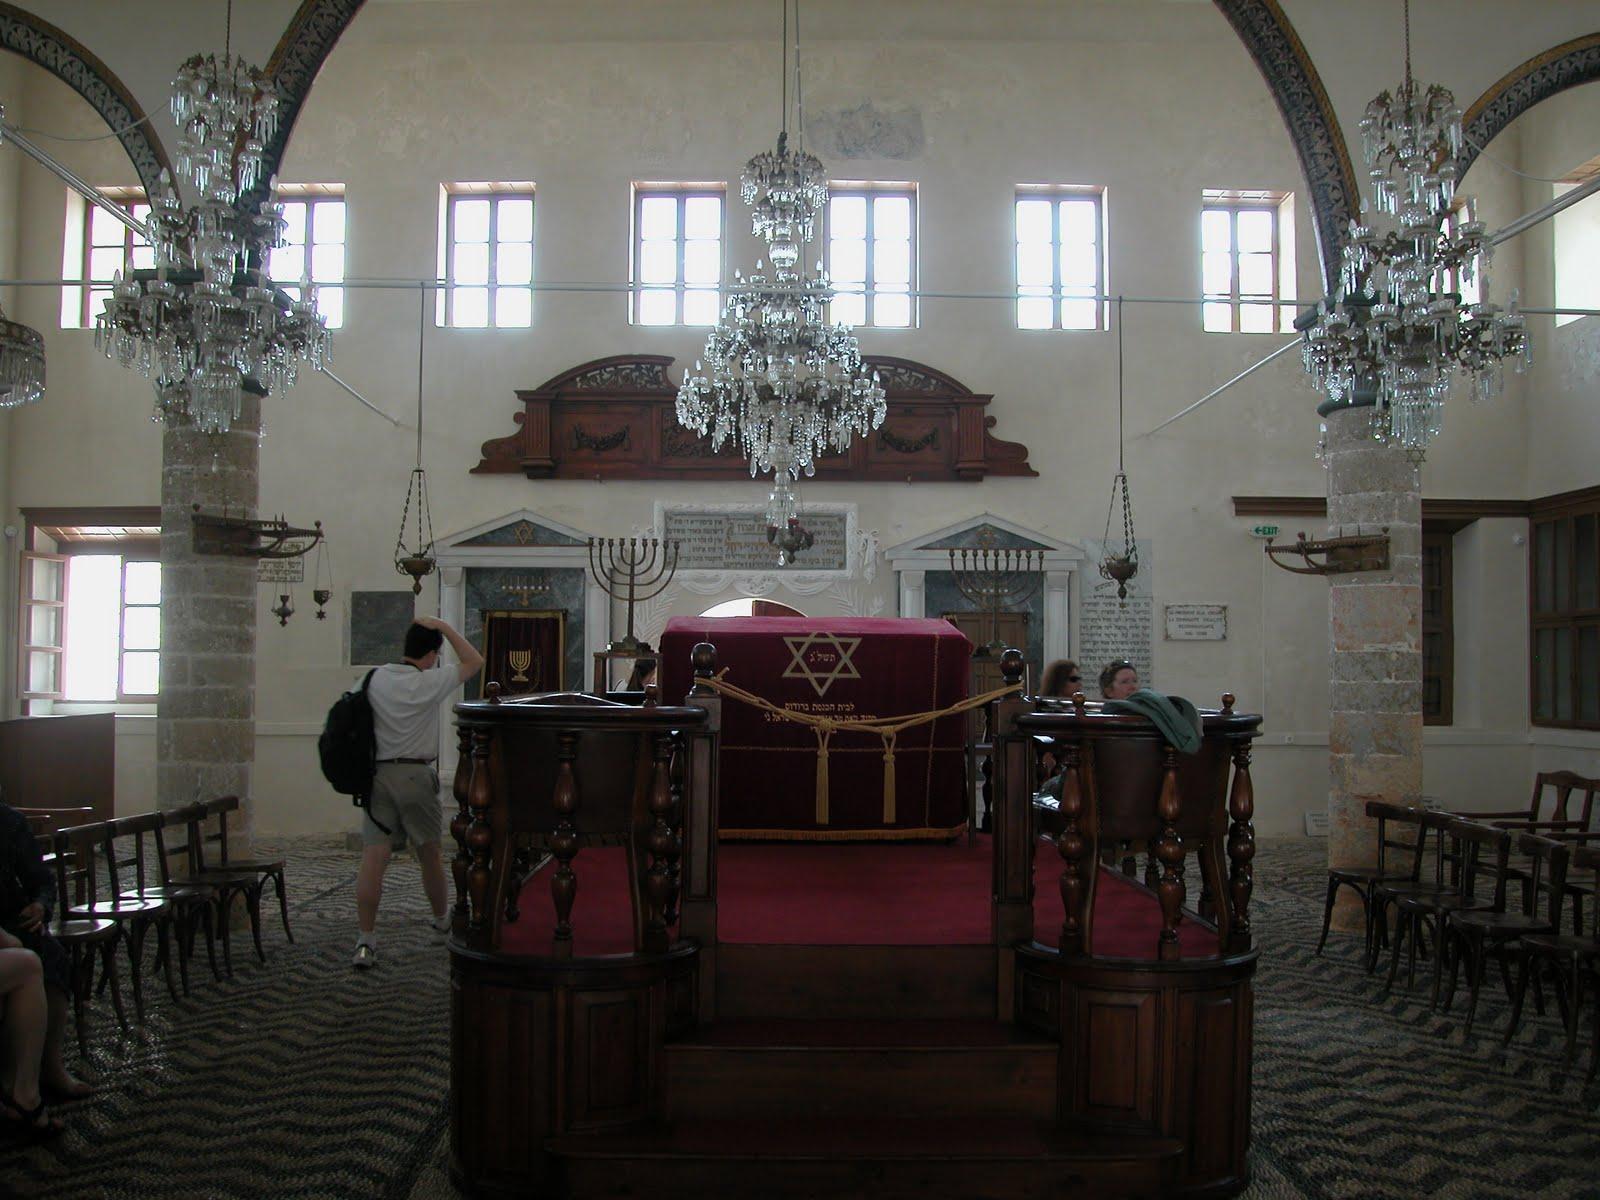 The Synagogue Shalom